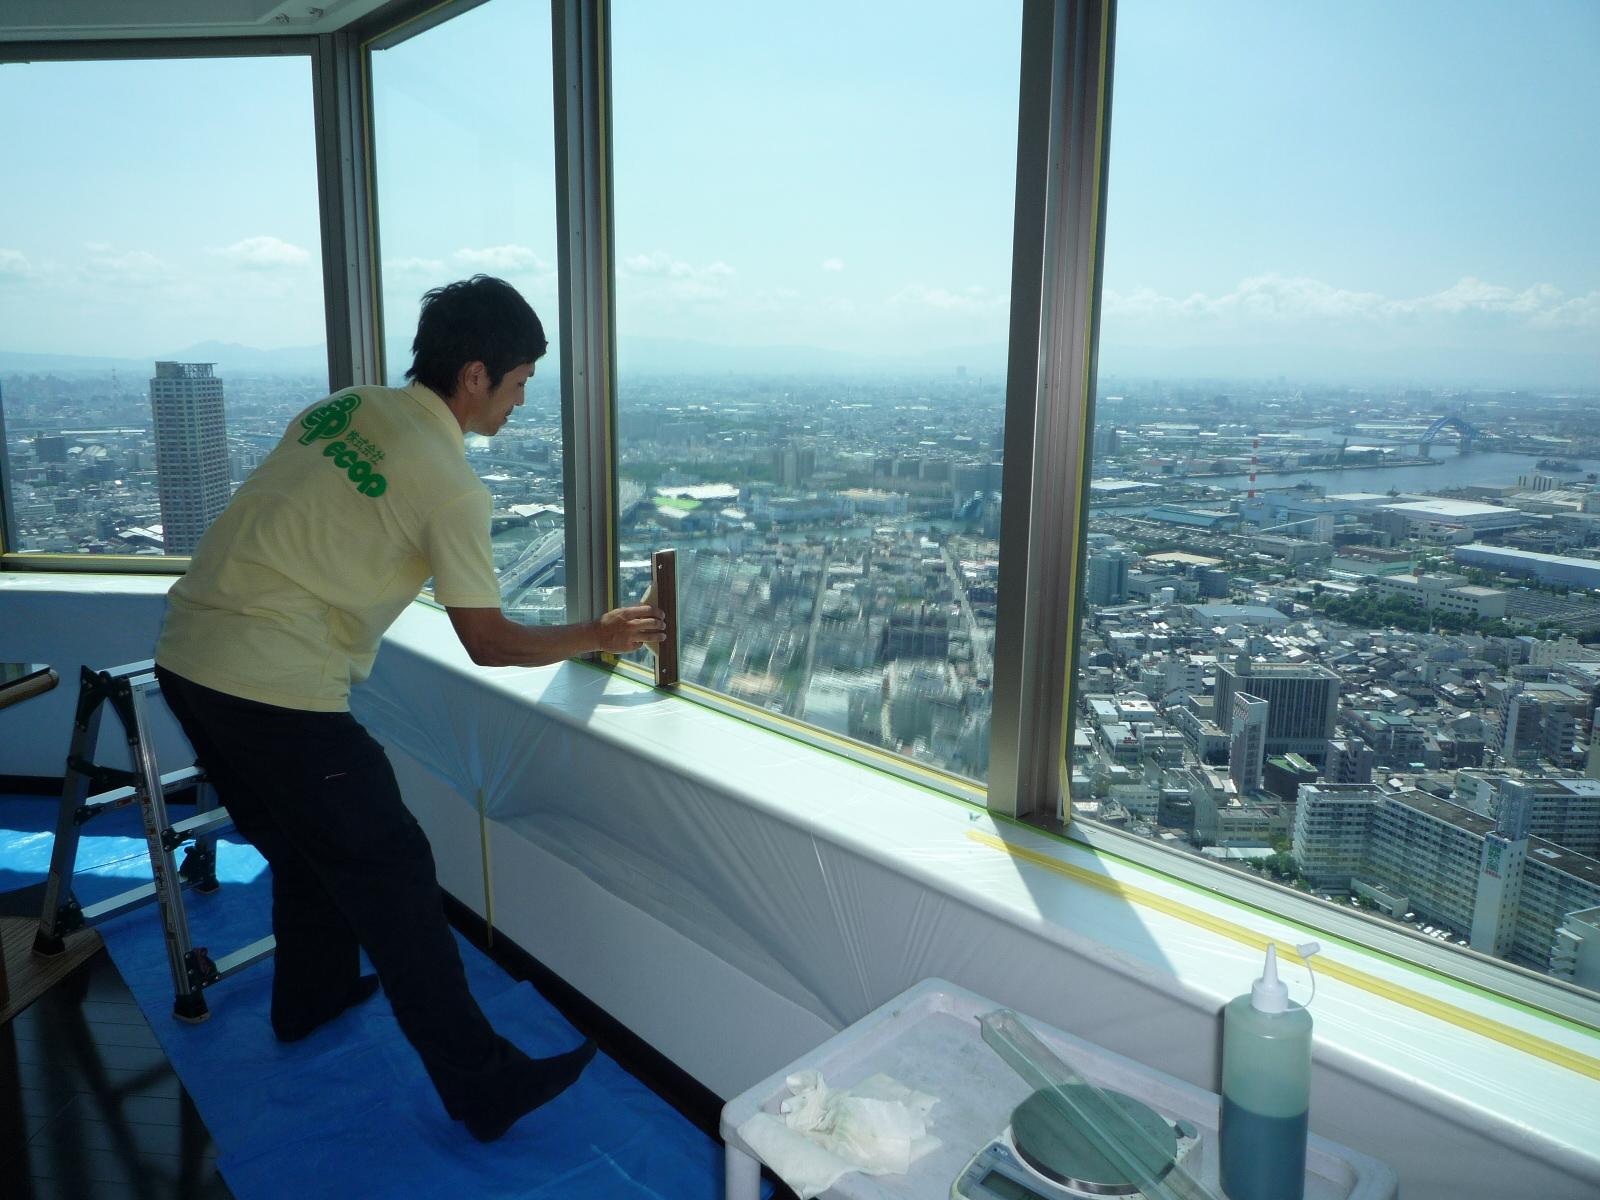 赤外線92%カット、直射日光からの高い断熱効果でこの夏の節電に貢献 高機能遮熱ガラスコート剤『クリスタルボンド省エネコーティング』を提供~窓ガラスからの熱カットで、節電の夏を乗り切ろう~